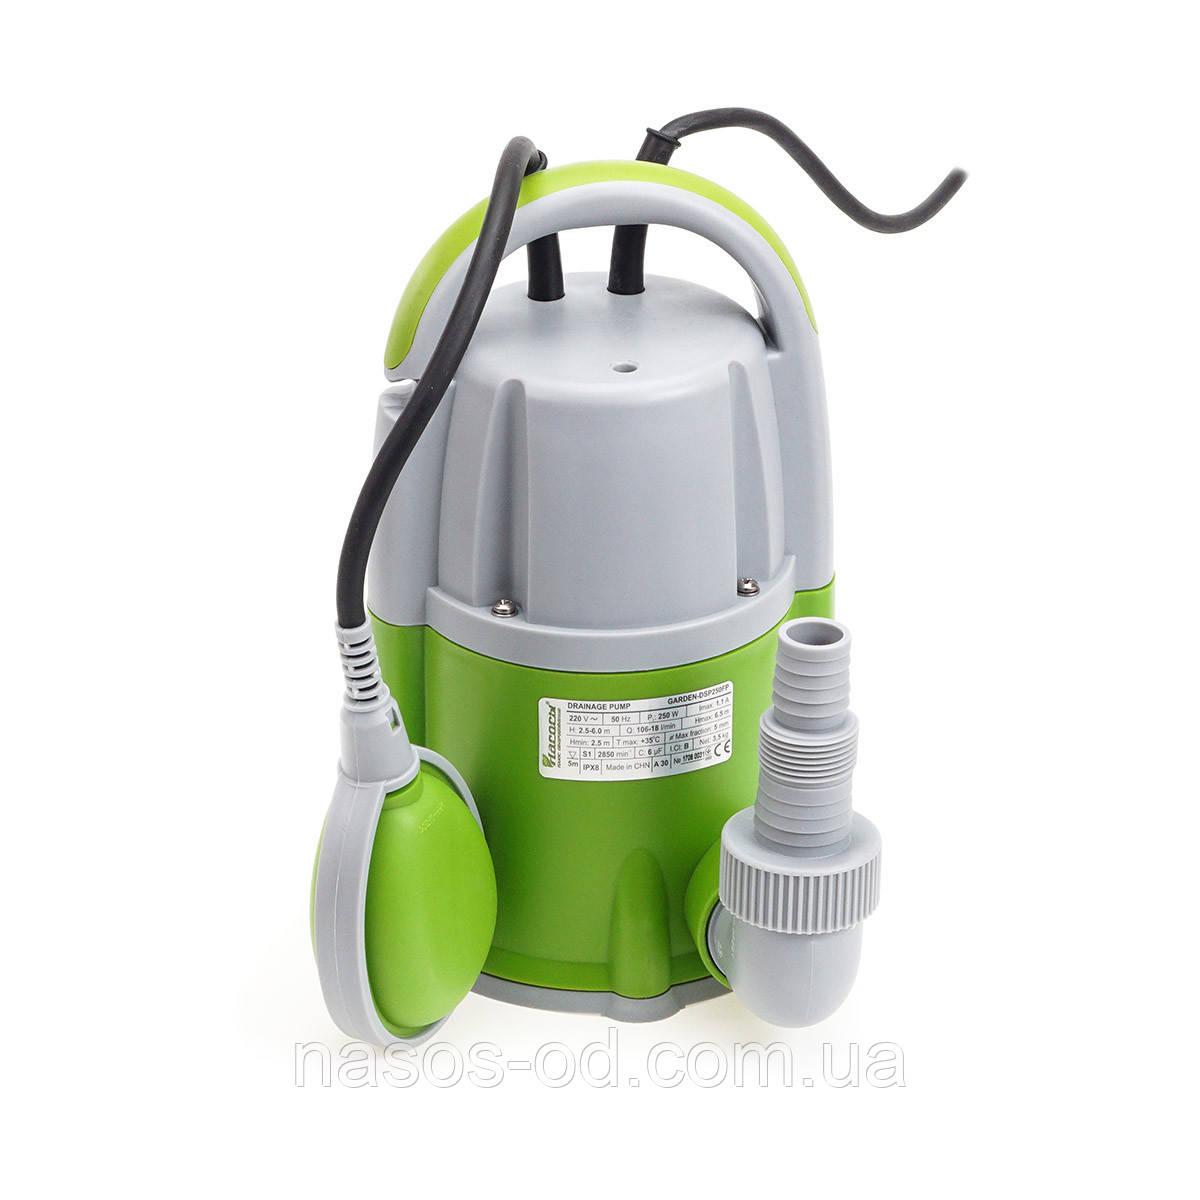 Насос дренажный садовый Насосы+Оборудование GARDEN-DSP400FP 0.4кВт Hmax8м Qmax150л/мин